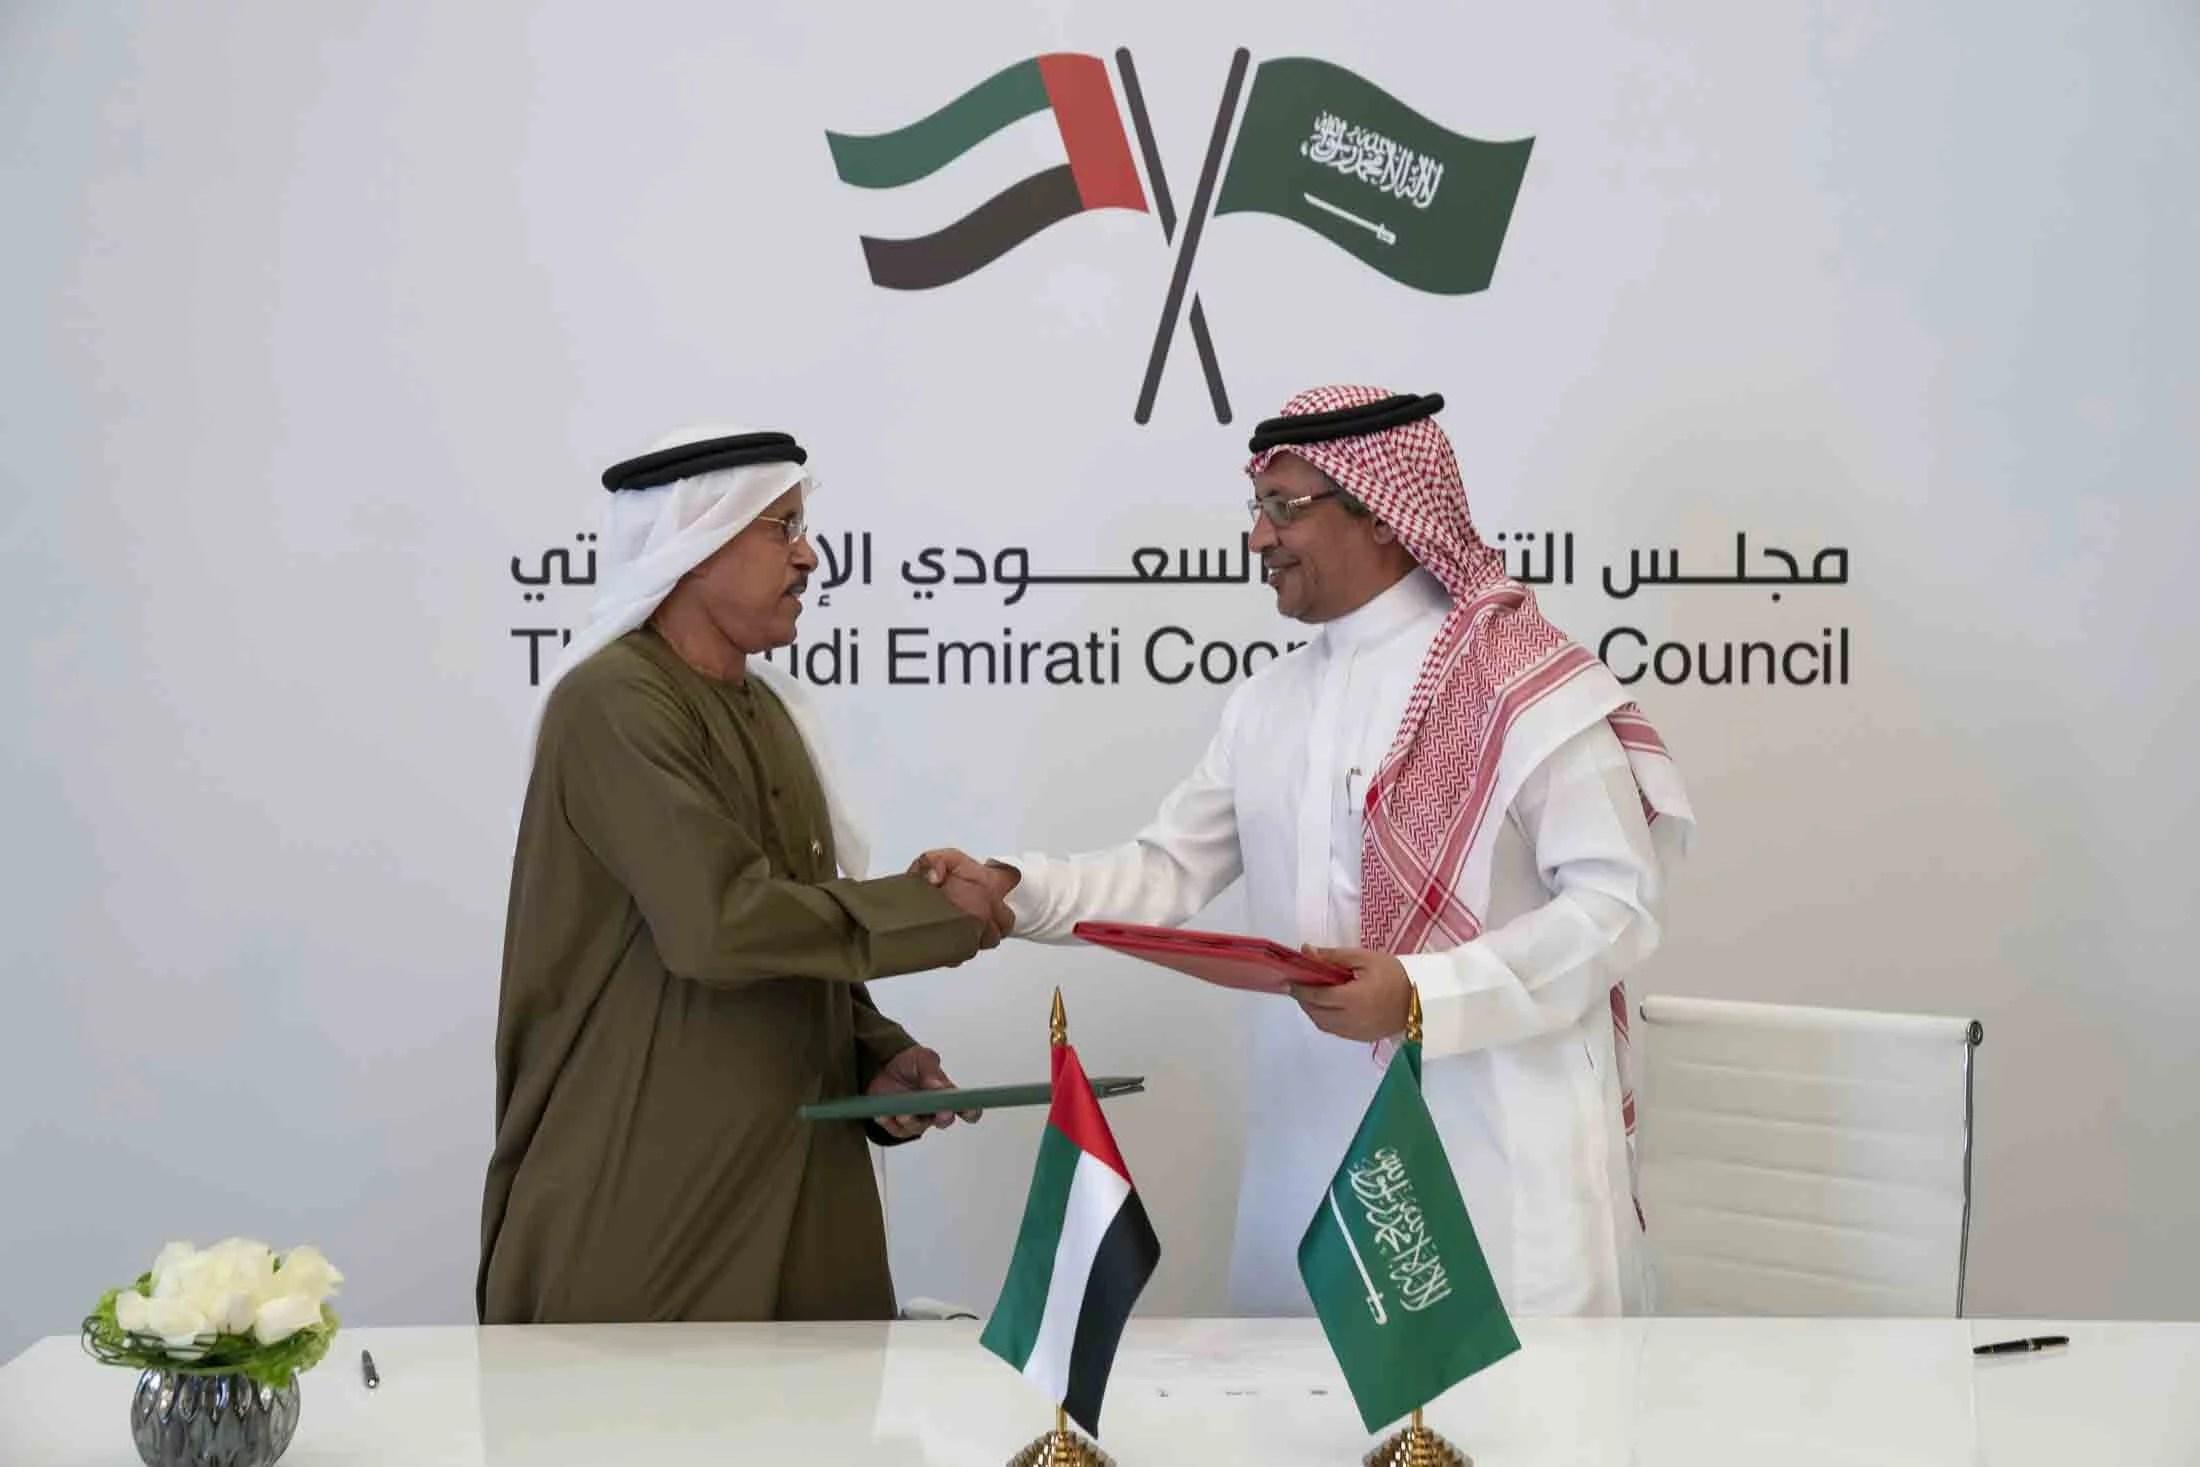 Arabia Saudita y Emiratos Árabes Unidos lanzan piloto de criptomoneda conjunta para facilitar pagos transfronterizos